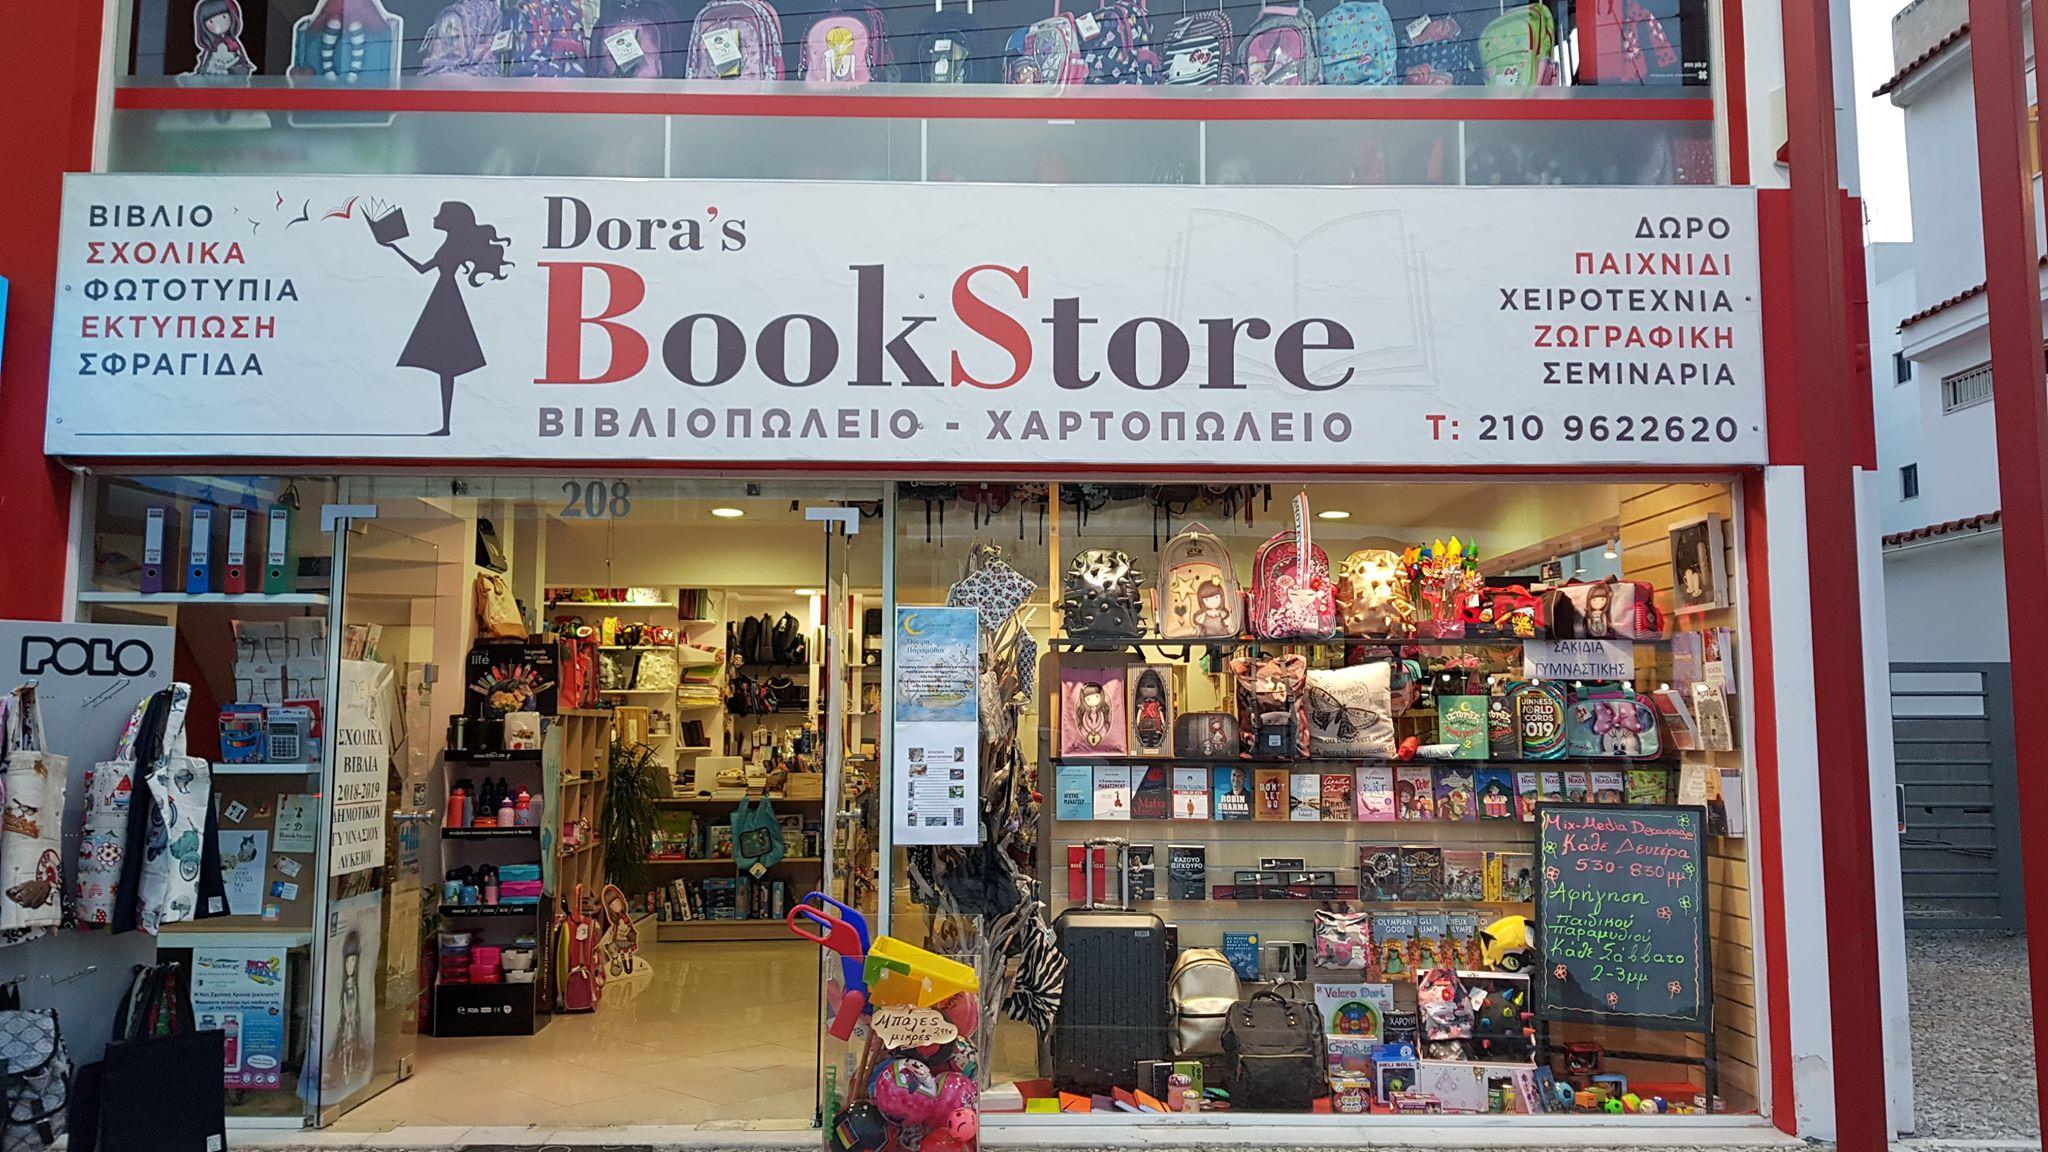 Dora's Bookstore